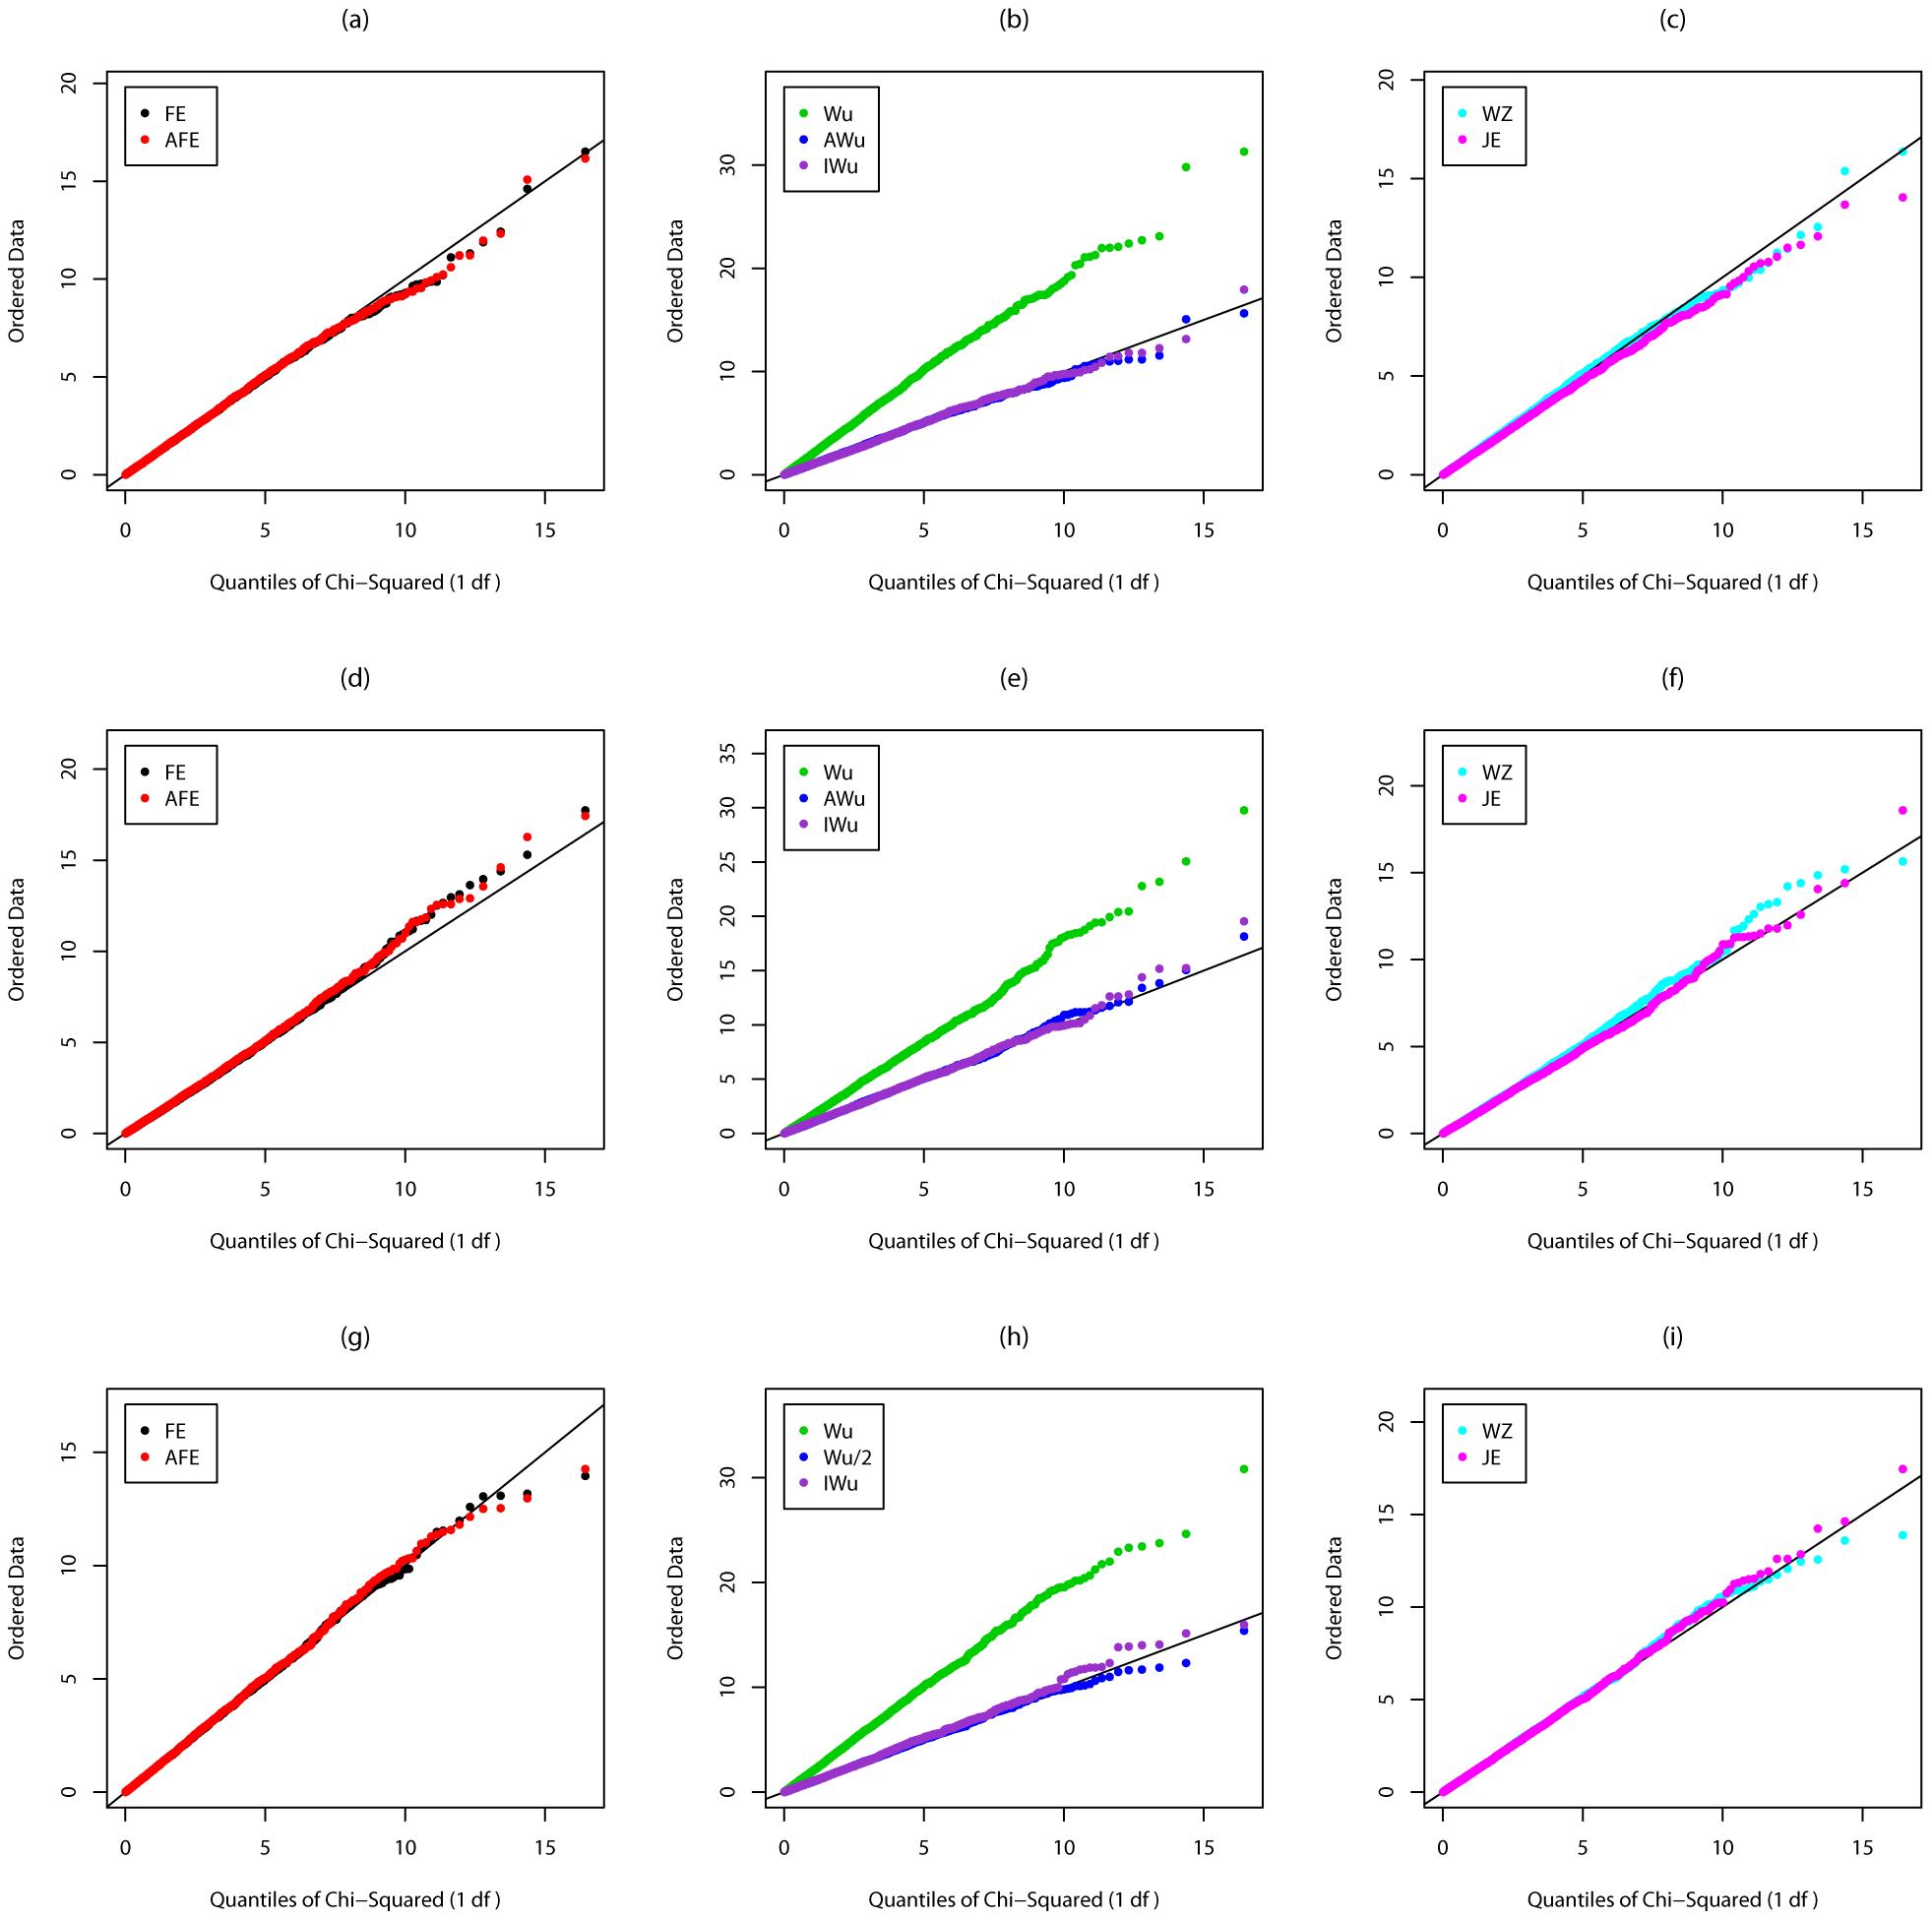 Chi-squared (1 df) Q-Q plot for Scenario 1 (Global Null).